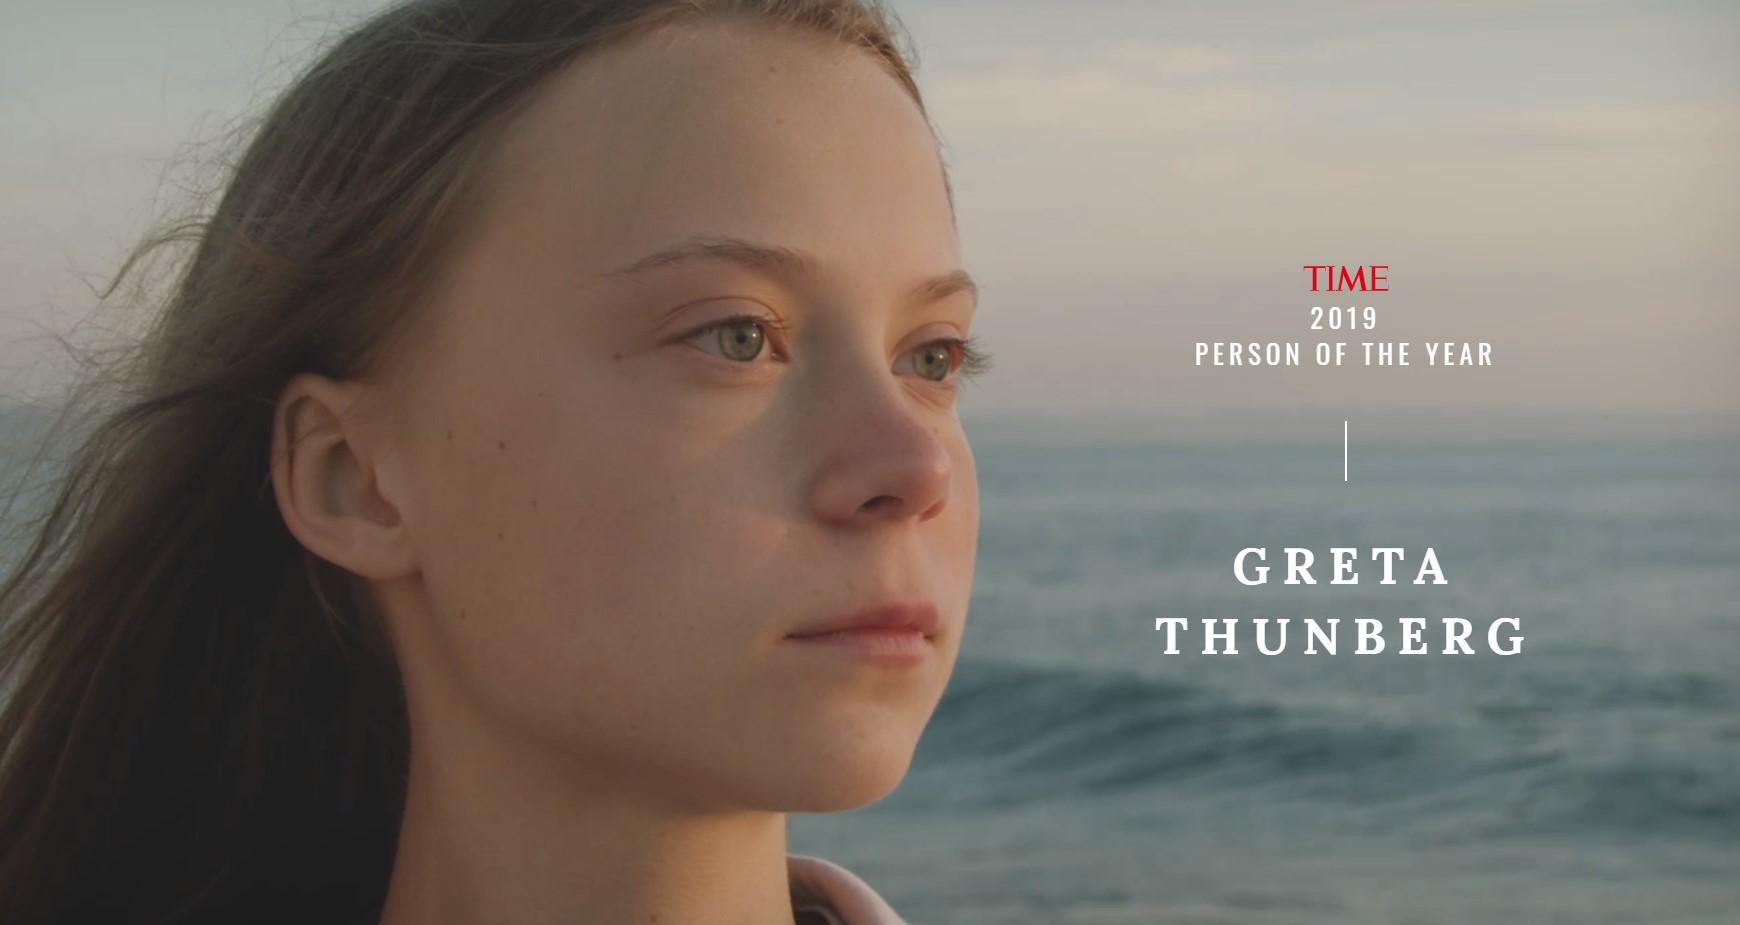 Γκρέτα Τούνμπεργκ: «Πρόσωπο της χρονιάς» 2019 για το περιοδικό Time